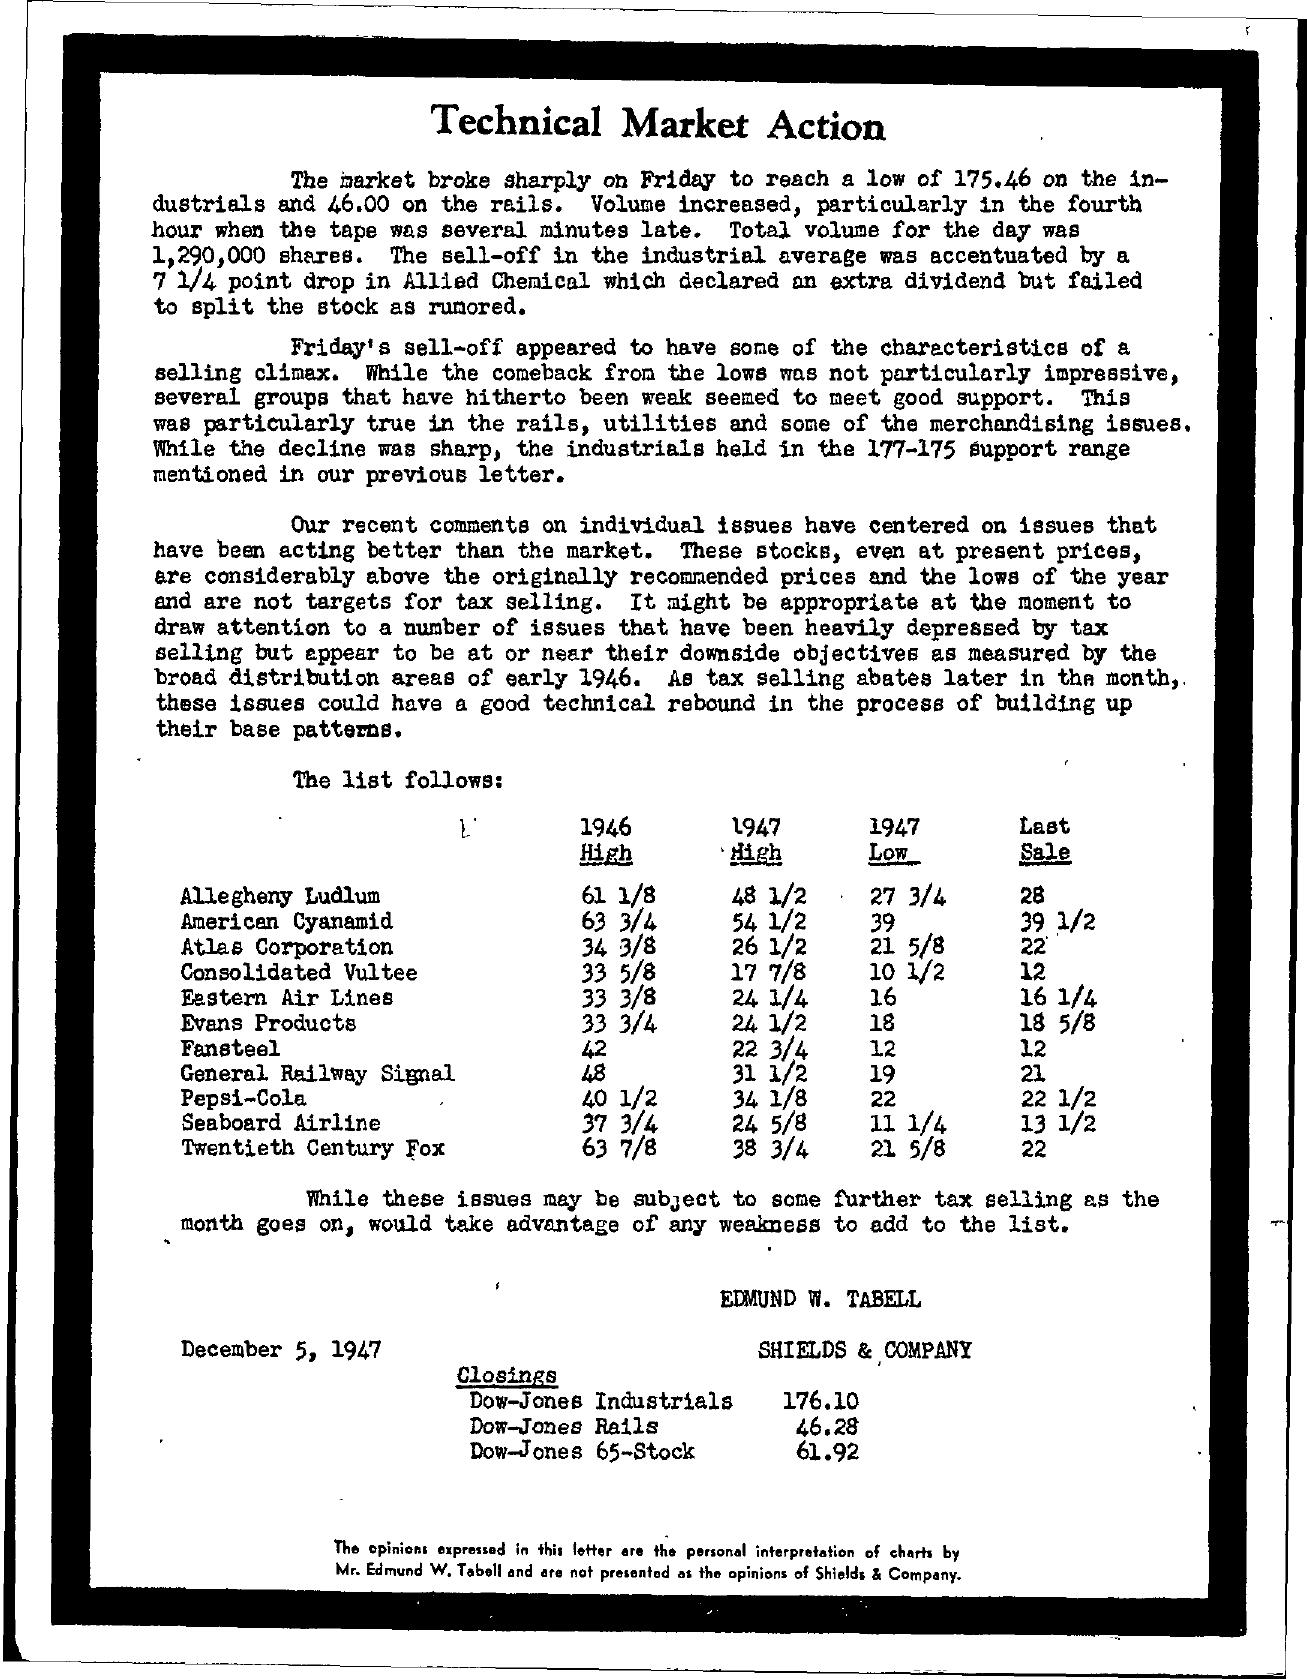 Tabell's Market Letter - December 05, 1947